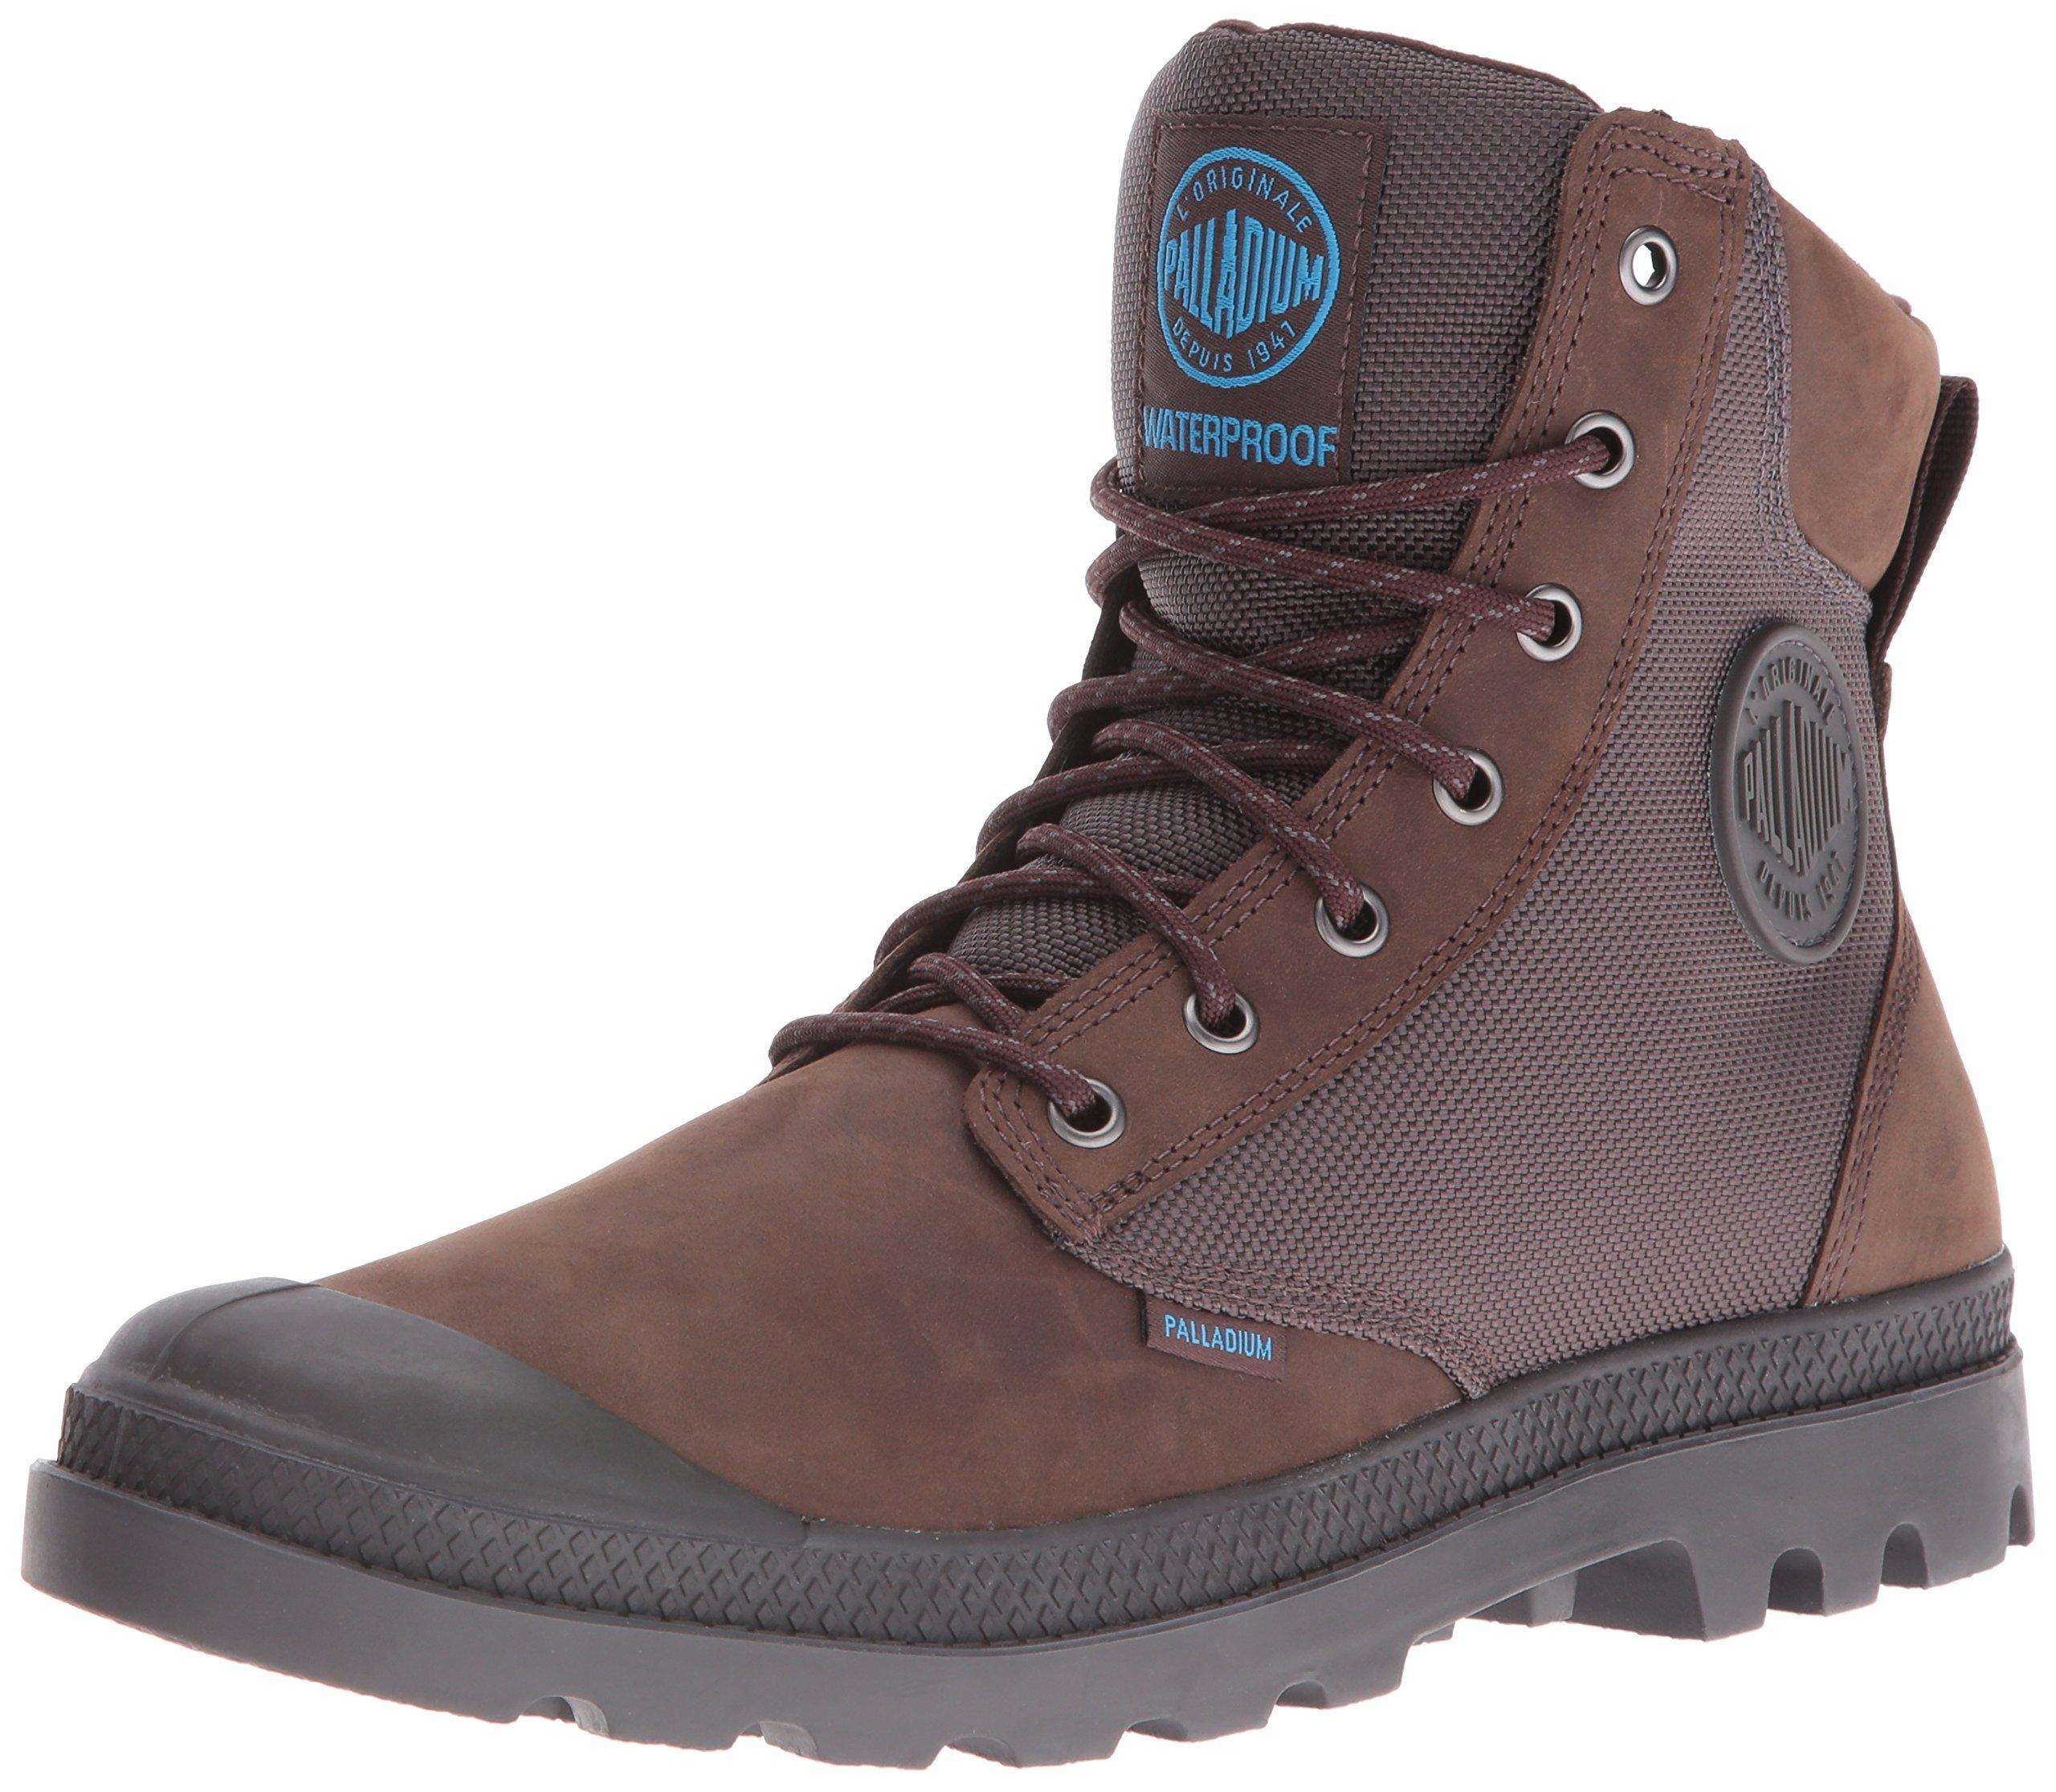 Palladium Boots Pampa Sport Cuff Wpn Waterproof Boots, Chocolate/ForgedIron,4